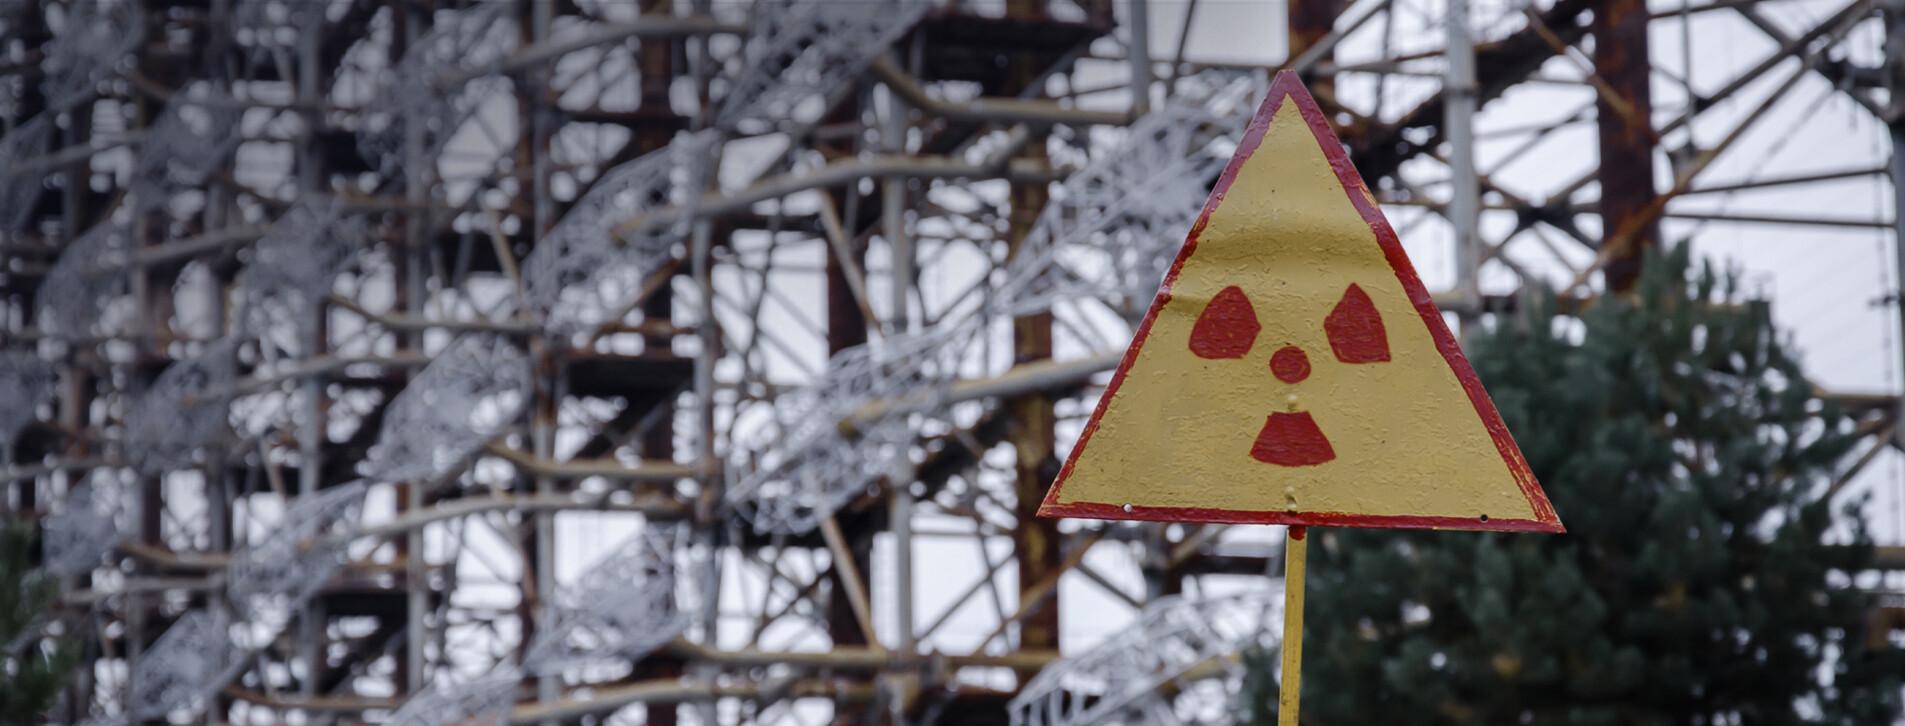 Фото 1 - Двухдневный тур в Чернобыль и Припять для двоих